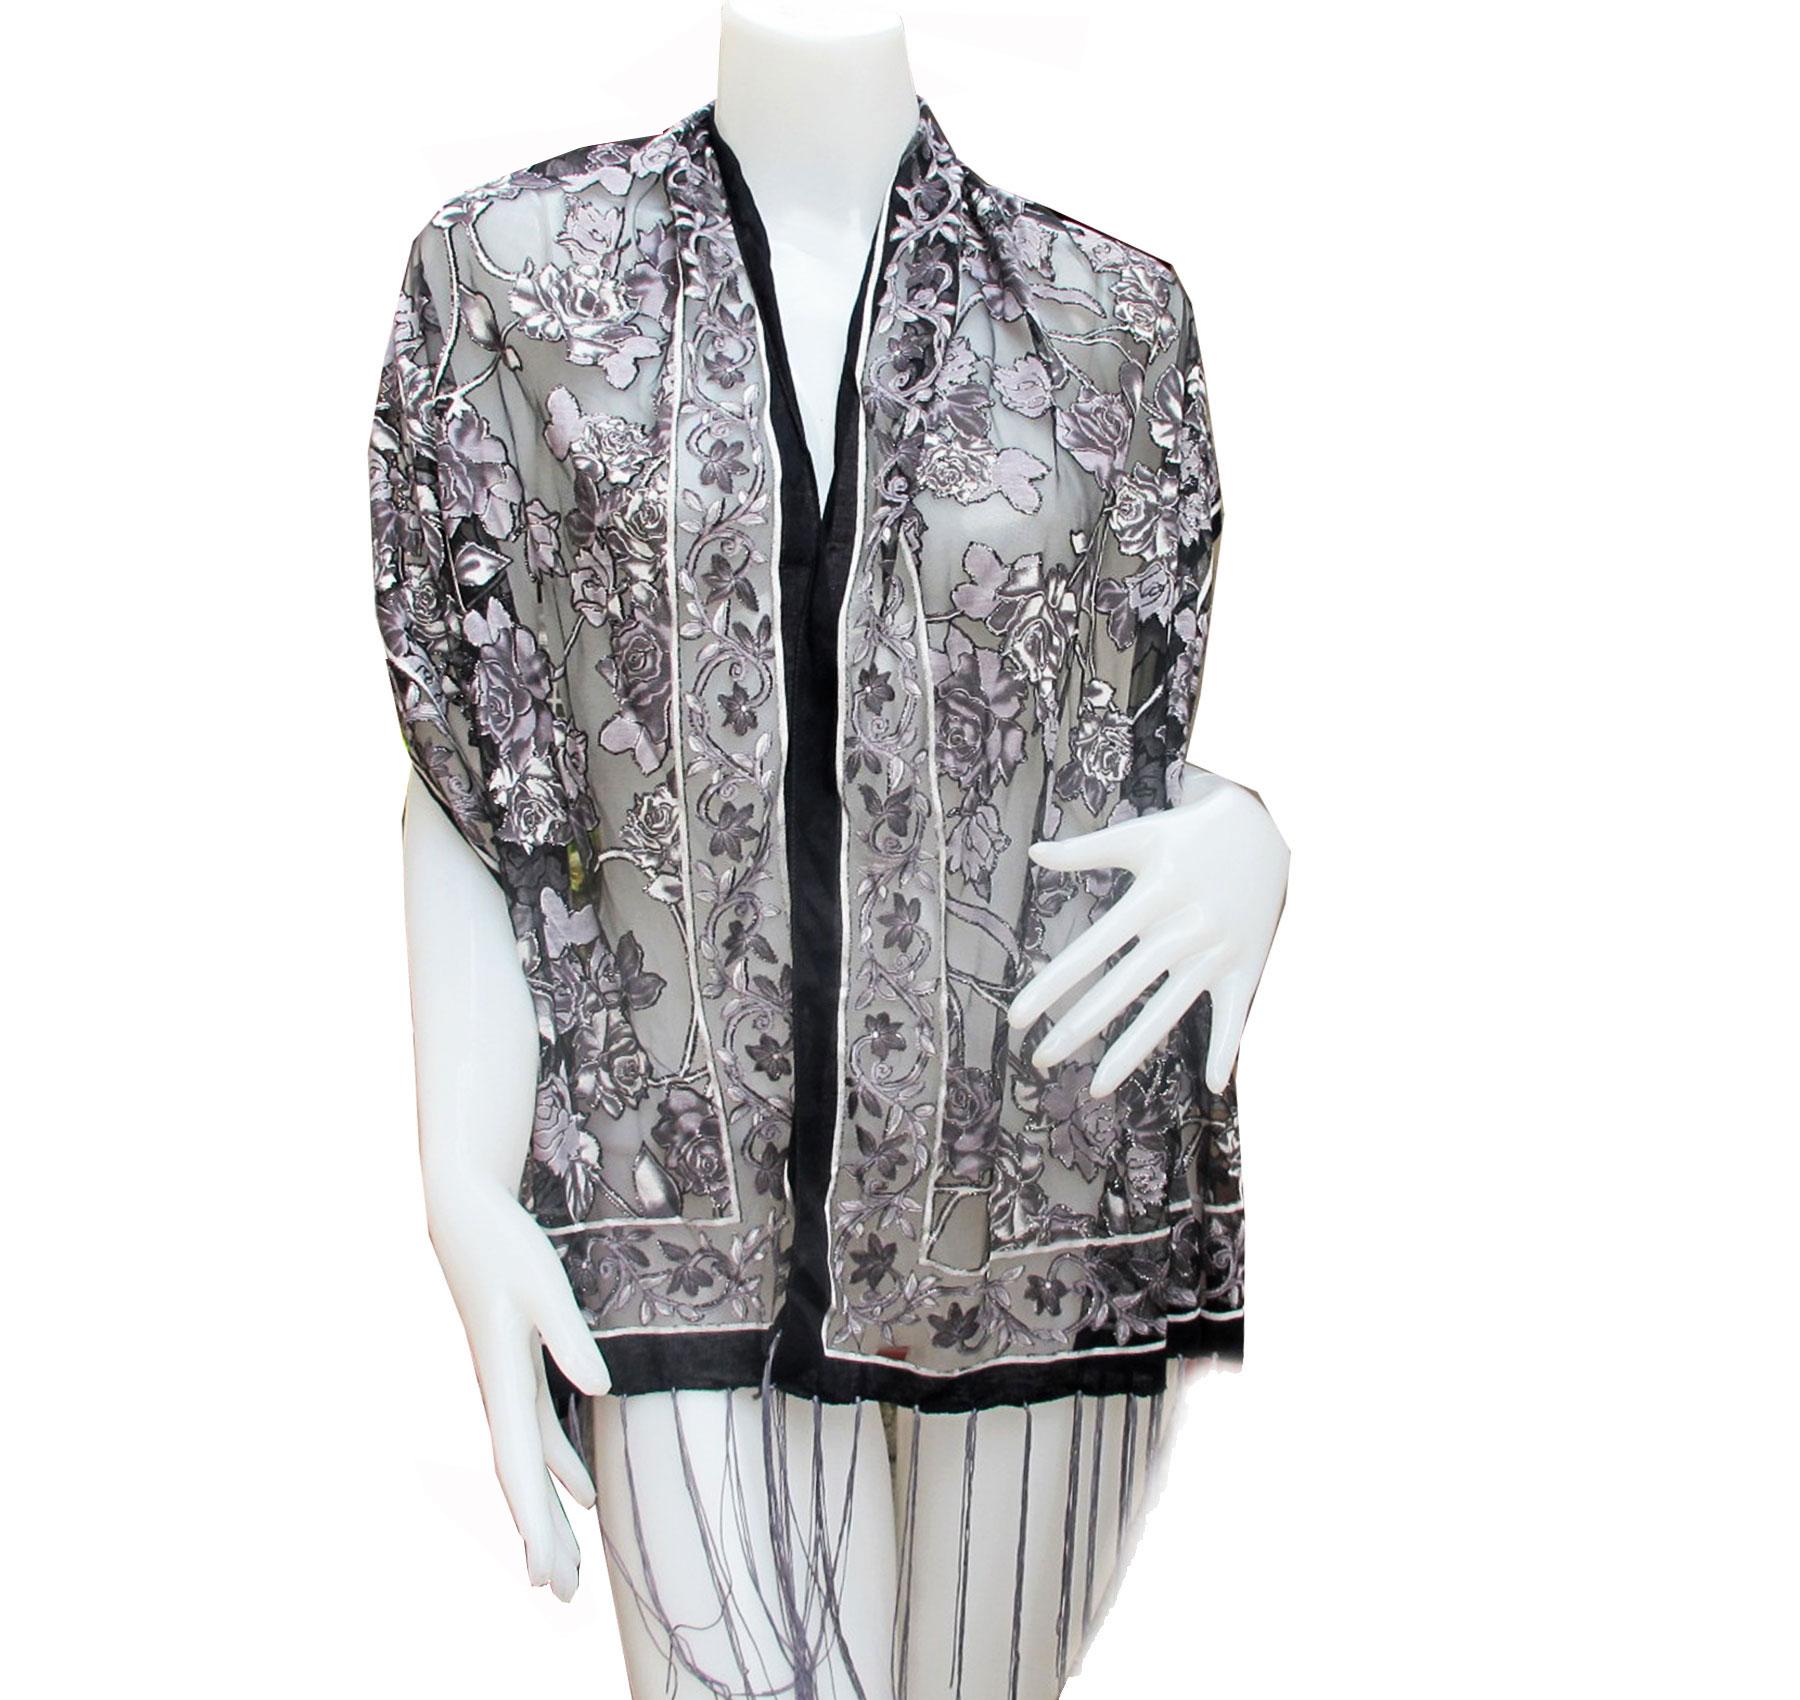 ผ้าคลุ่มไหลแบบ Classic Frence Flowerไตล์ฝรั่งเศษ